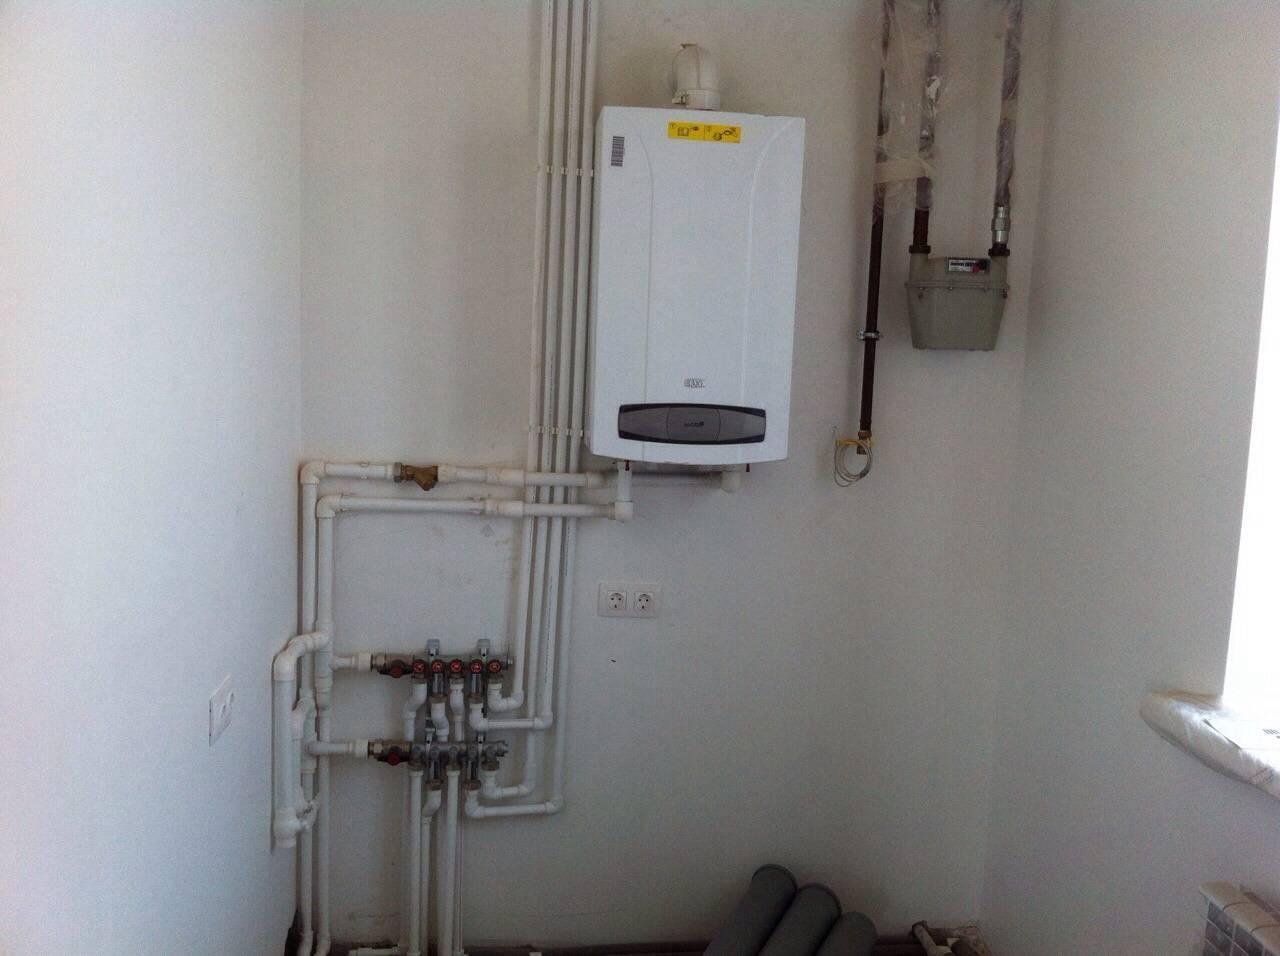 Индивидуальное отопление в многоквартирном доме - необходимые документы и правила монтажа